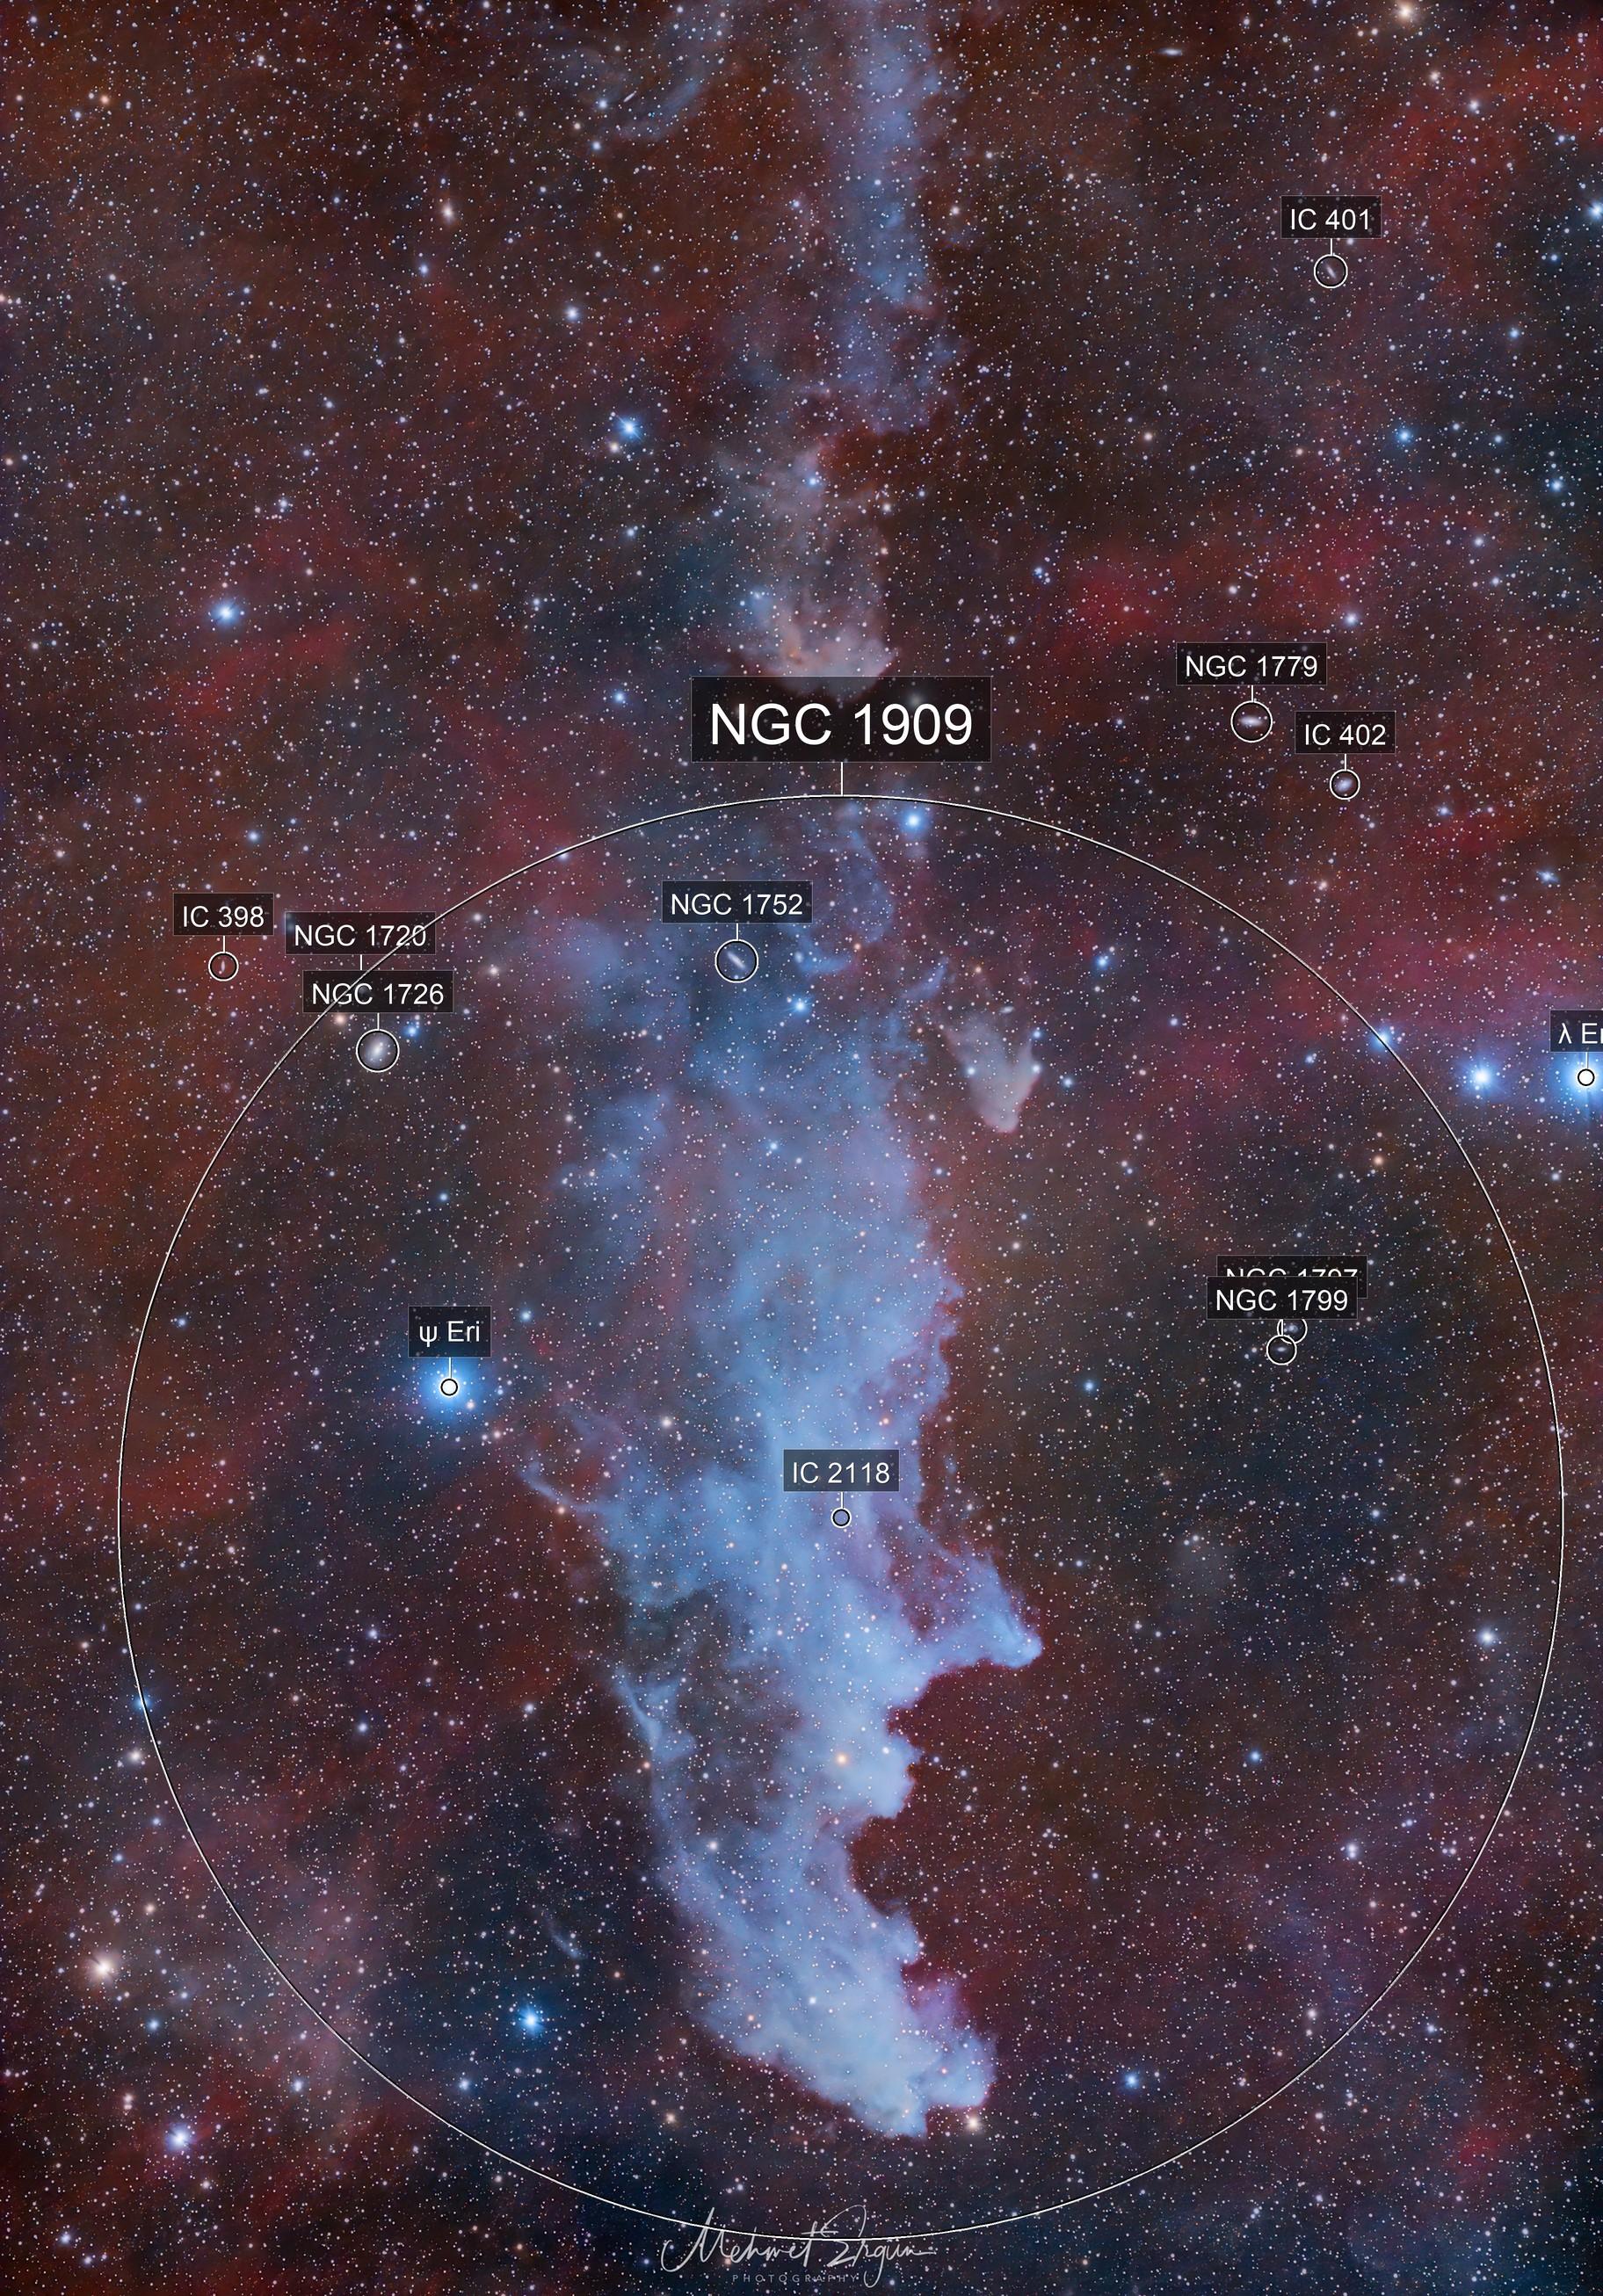 IC 2118 Witch Head Nebula